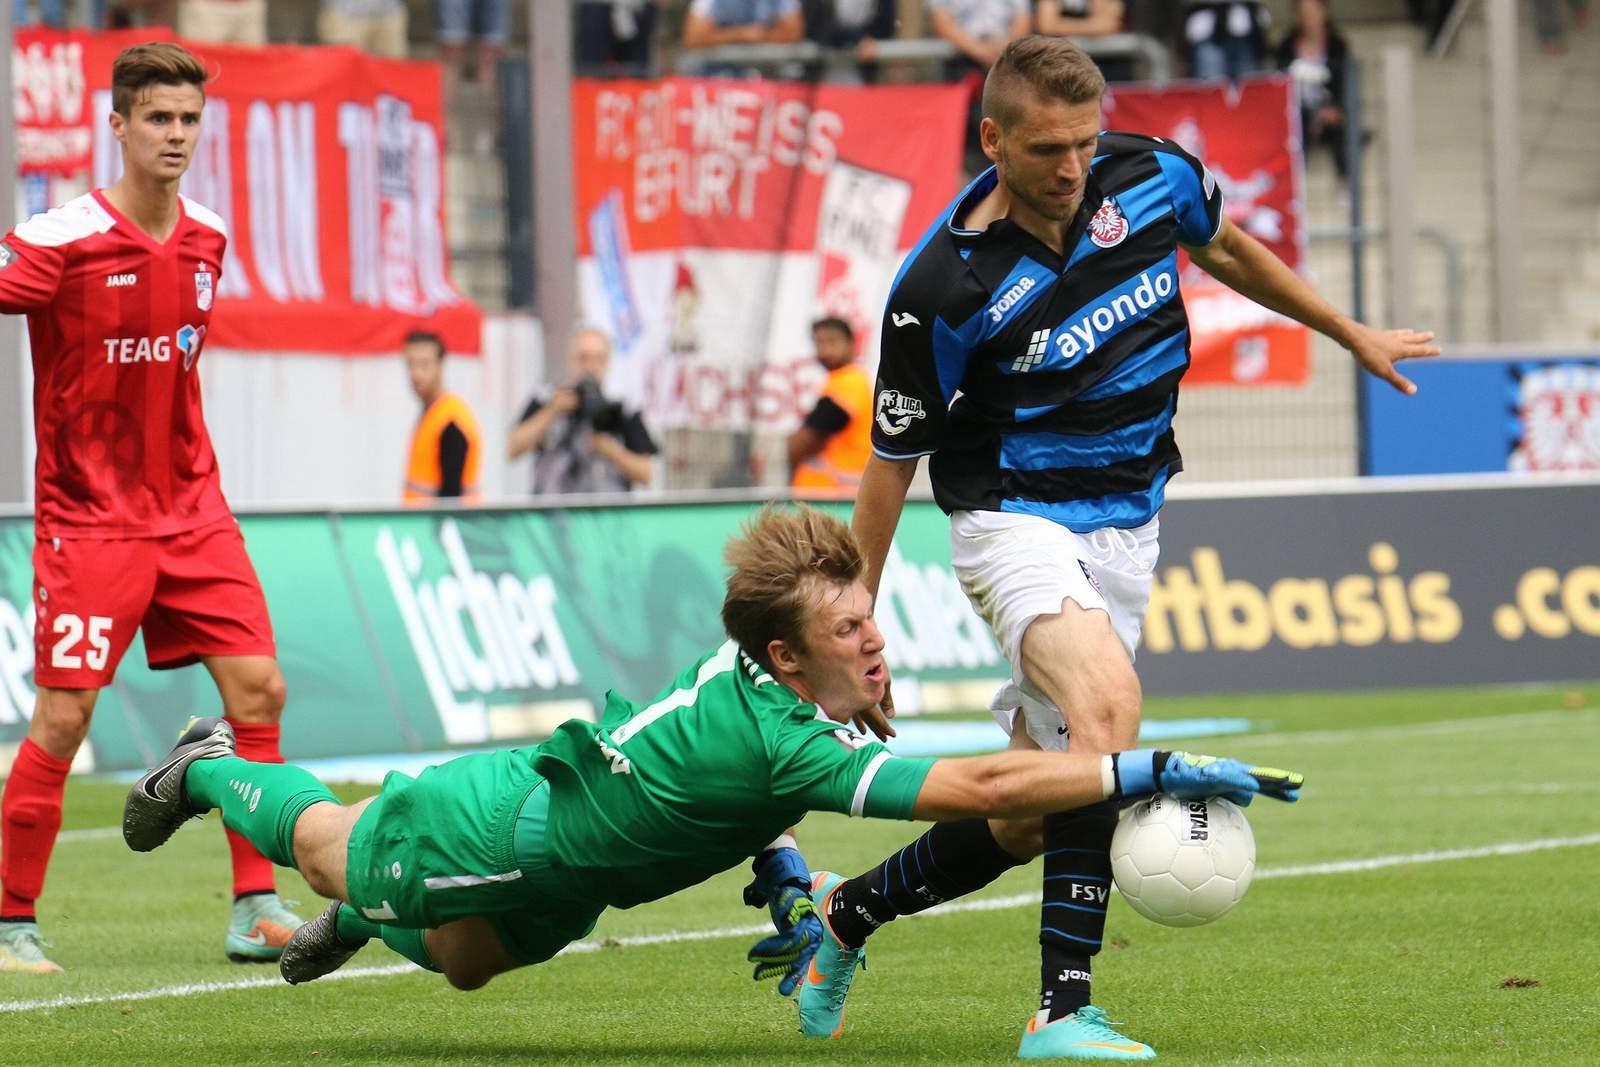 Philipp Klewin klaut Ranisav Jovanovic den Ball vom Fuß.